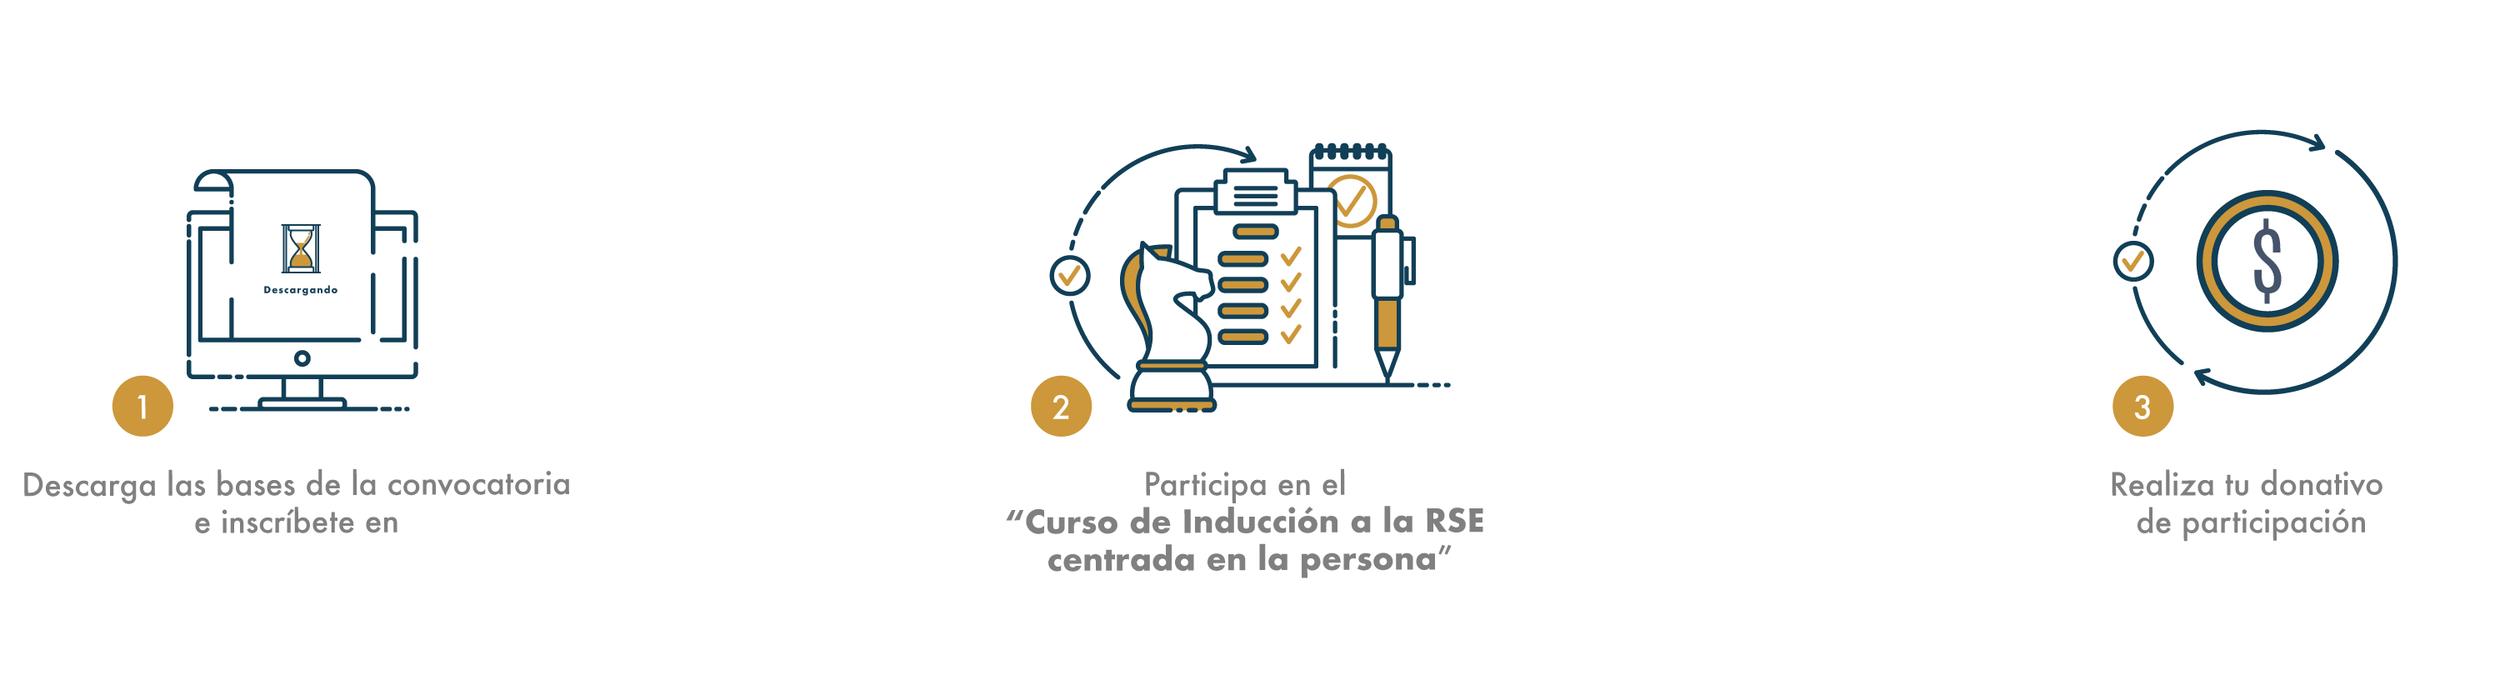 Basesycondiciones_Mesa+de+trabajo+1.png